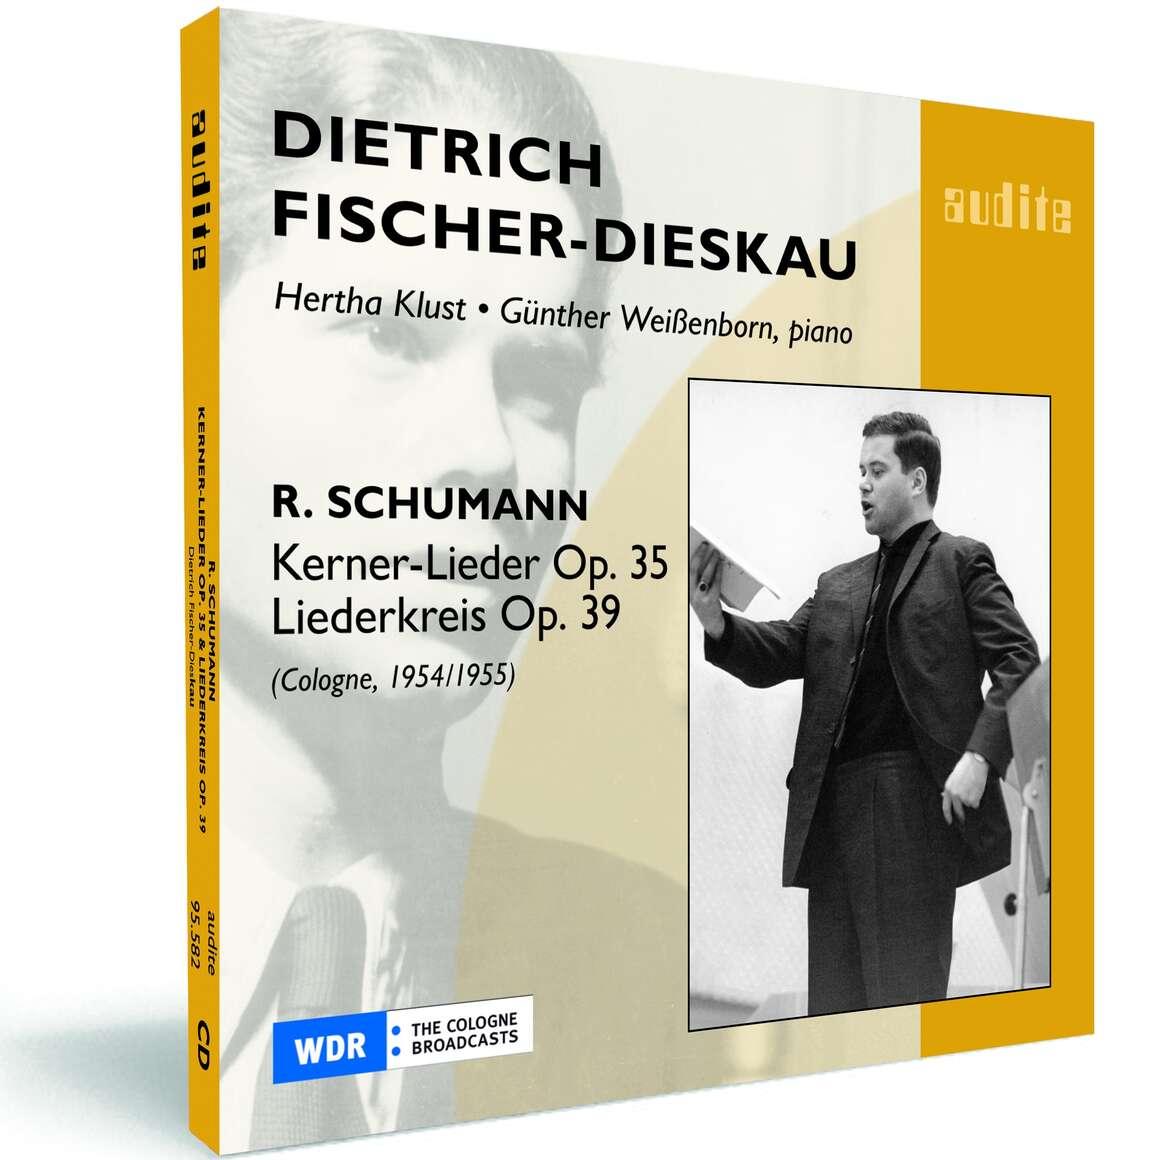 R. Schumann: Kerner Lieder op. 35 & Liederkreis op. 39